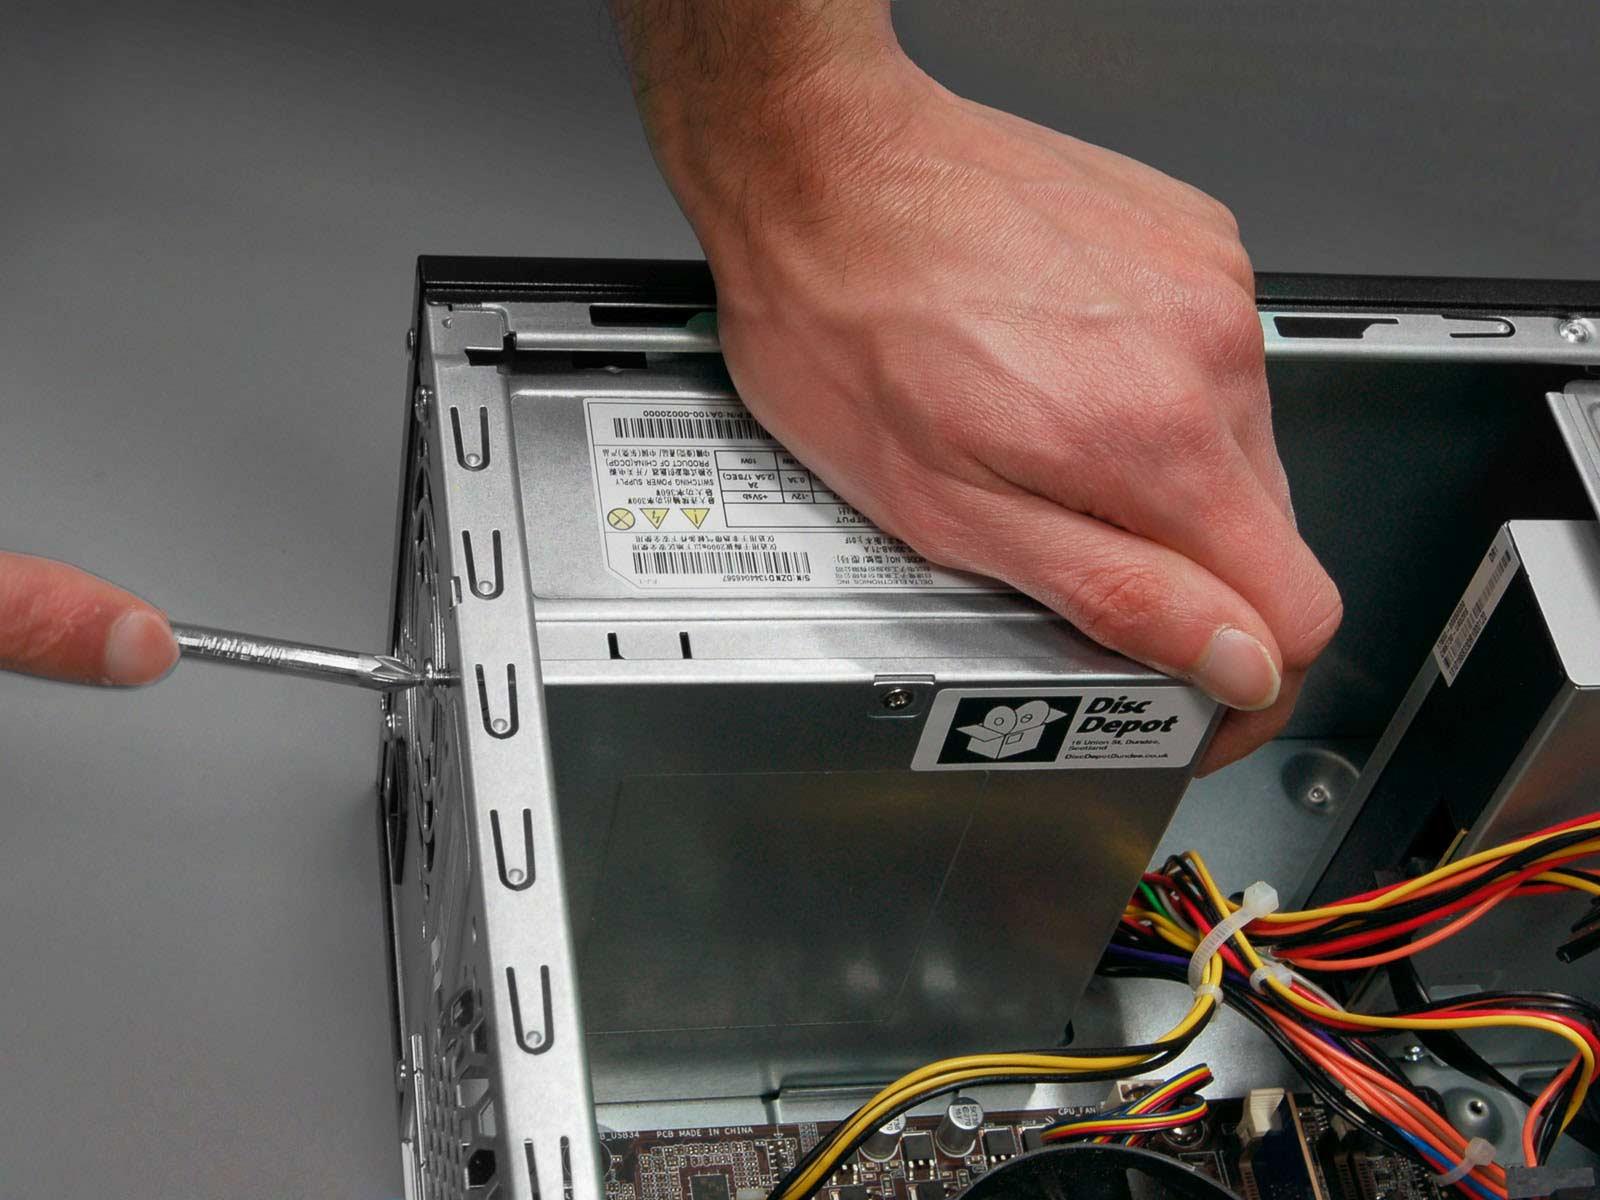 آموزش نصب منبع تغذیه (PSU) در کامپیوتر